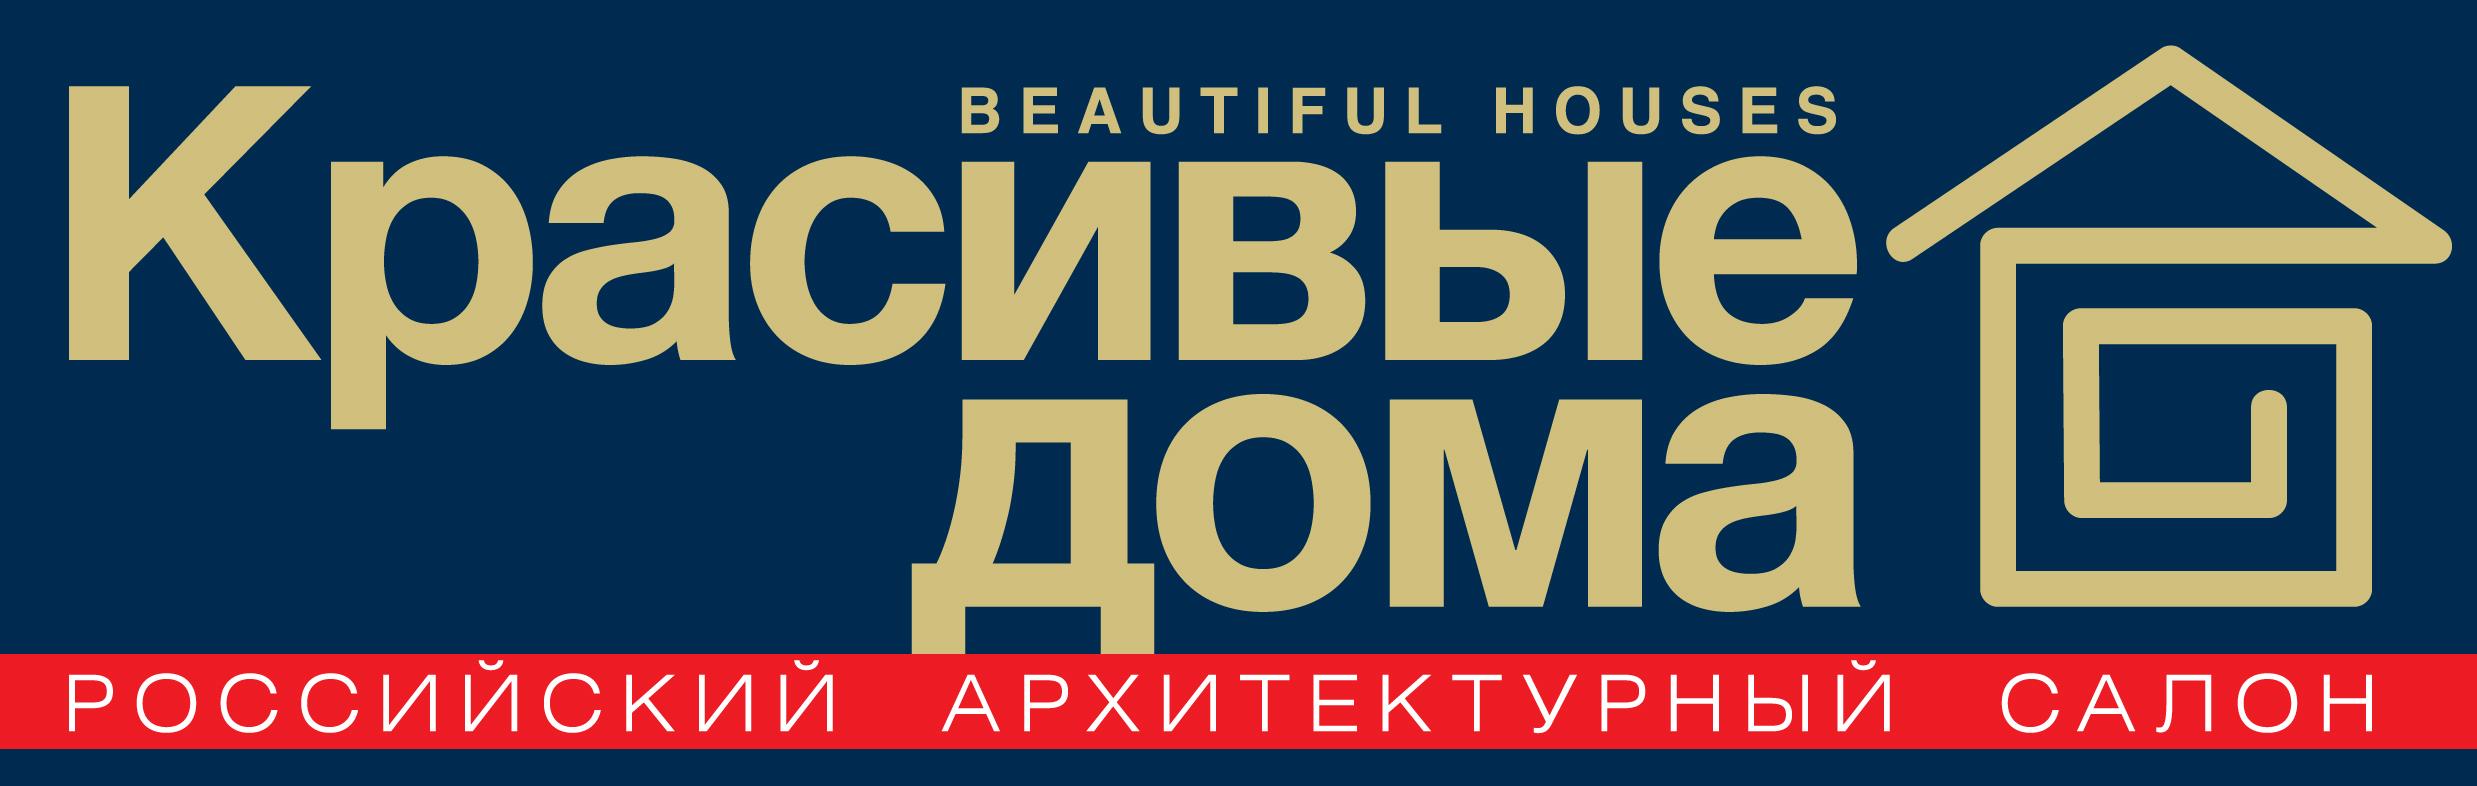 международная выставка КРАСИВЫЕ ДОМА. РОССИЙСКИЙ АРХИТЕКТУРНЫЙ САЛОН